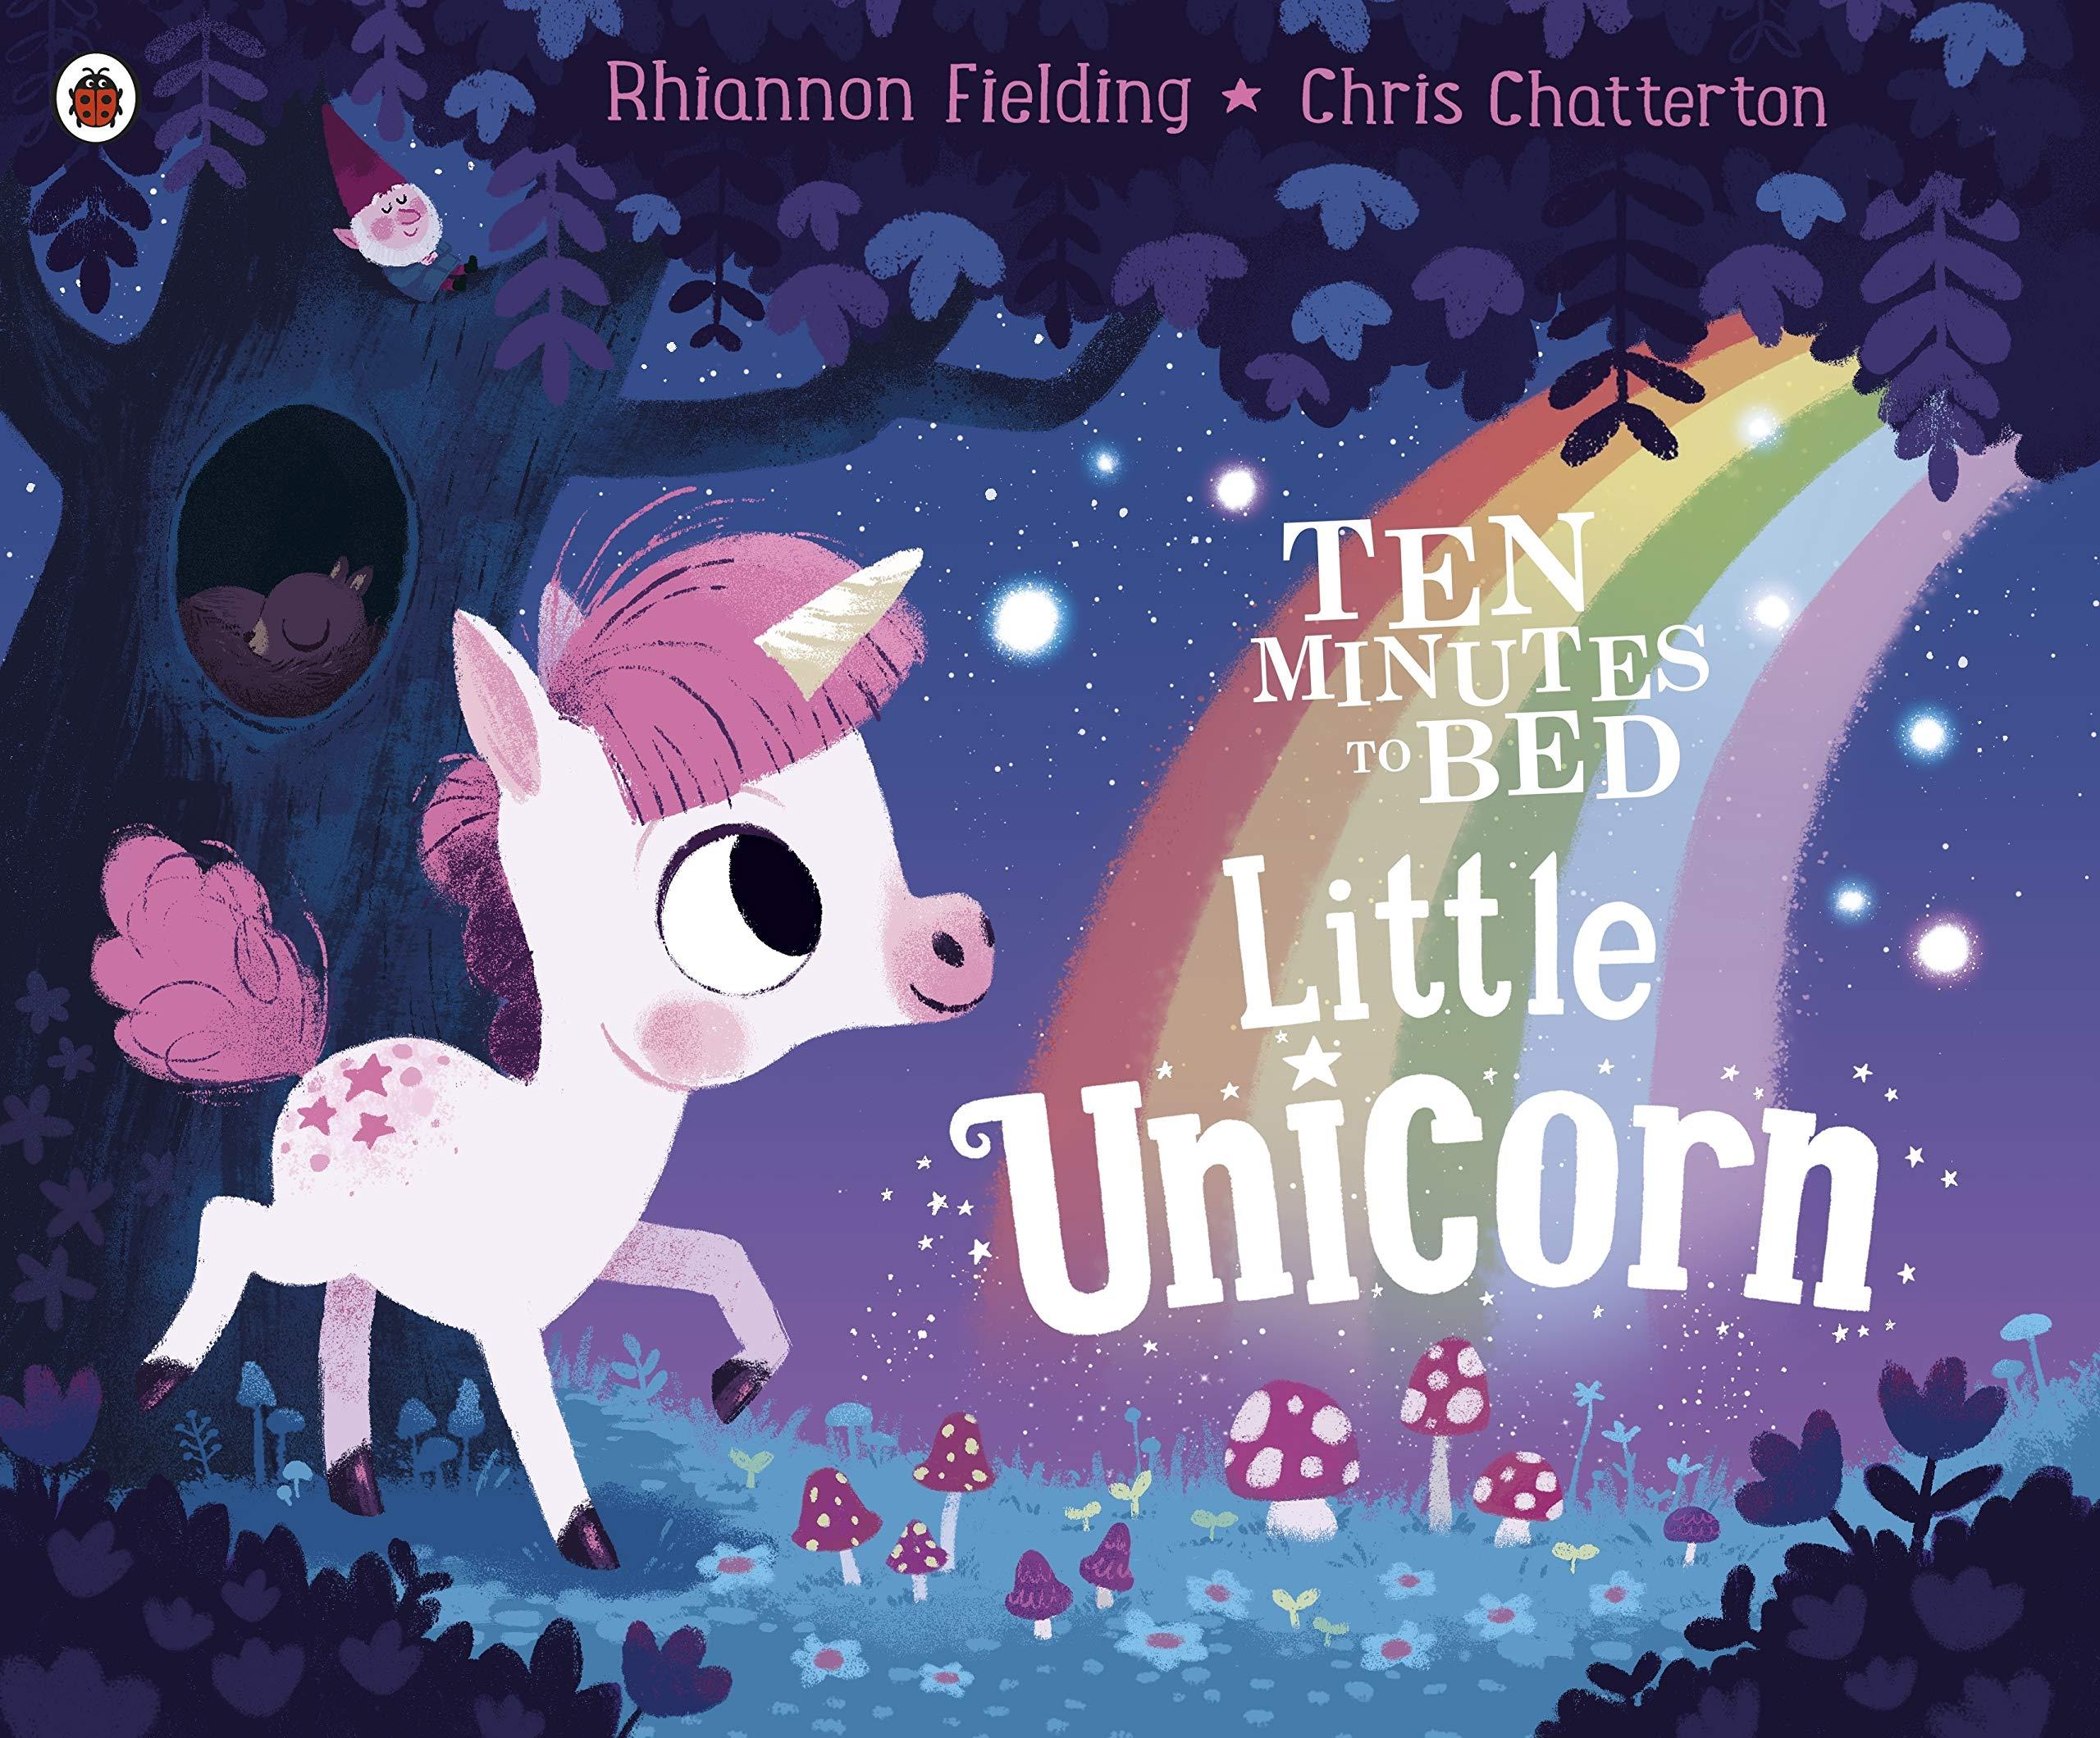 9b484b1db8d2 Ten Minutes to Bed  Little Unicorn  Amazon.co.uk  Rhiannon Fielding ...